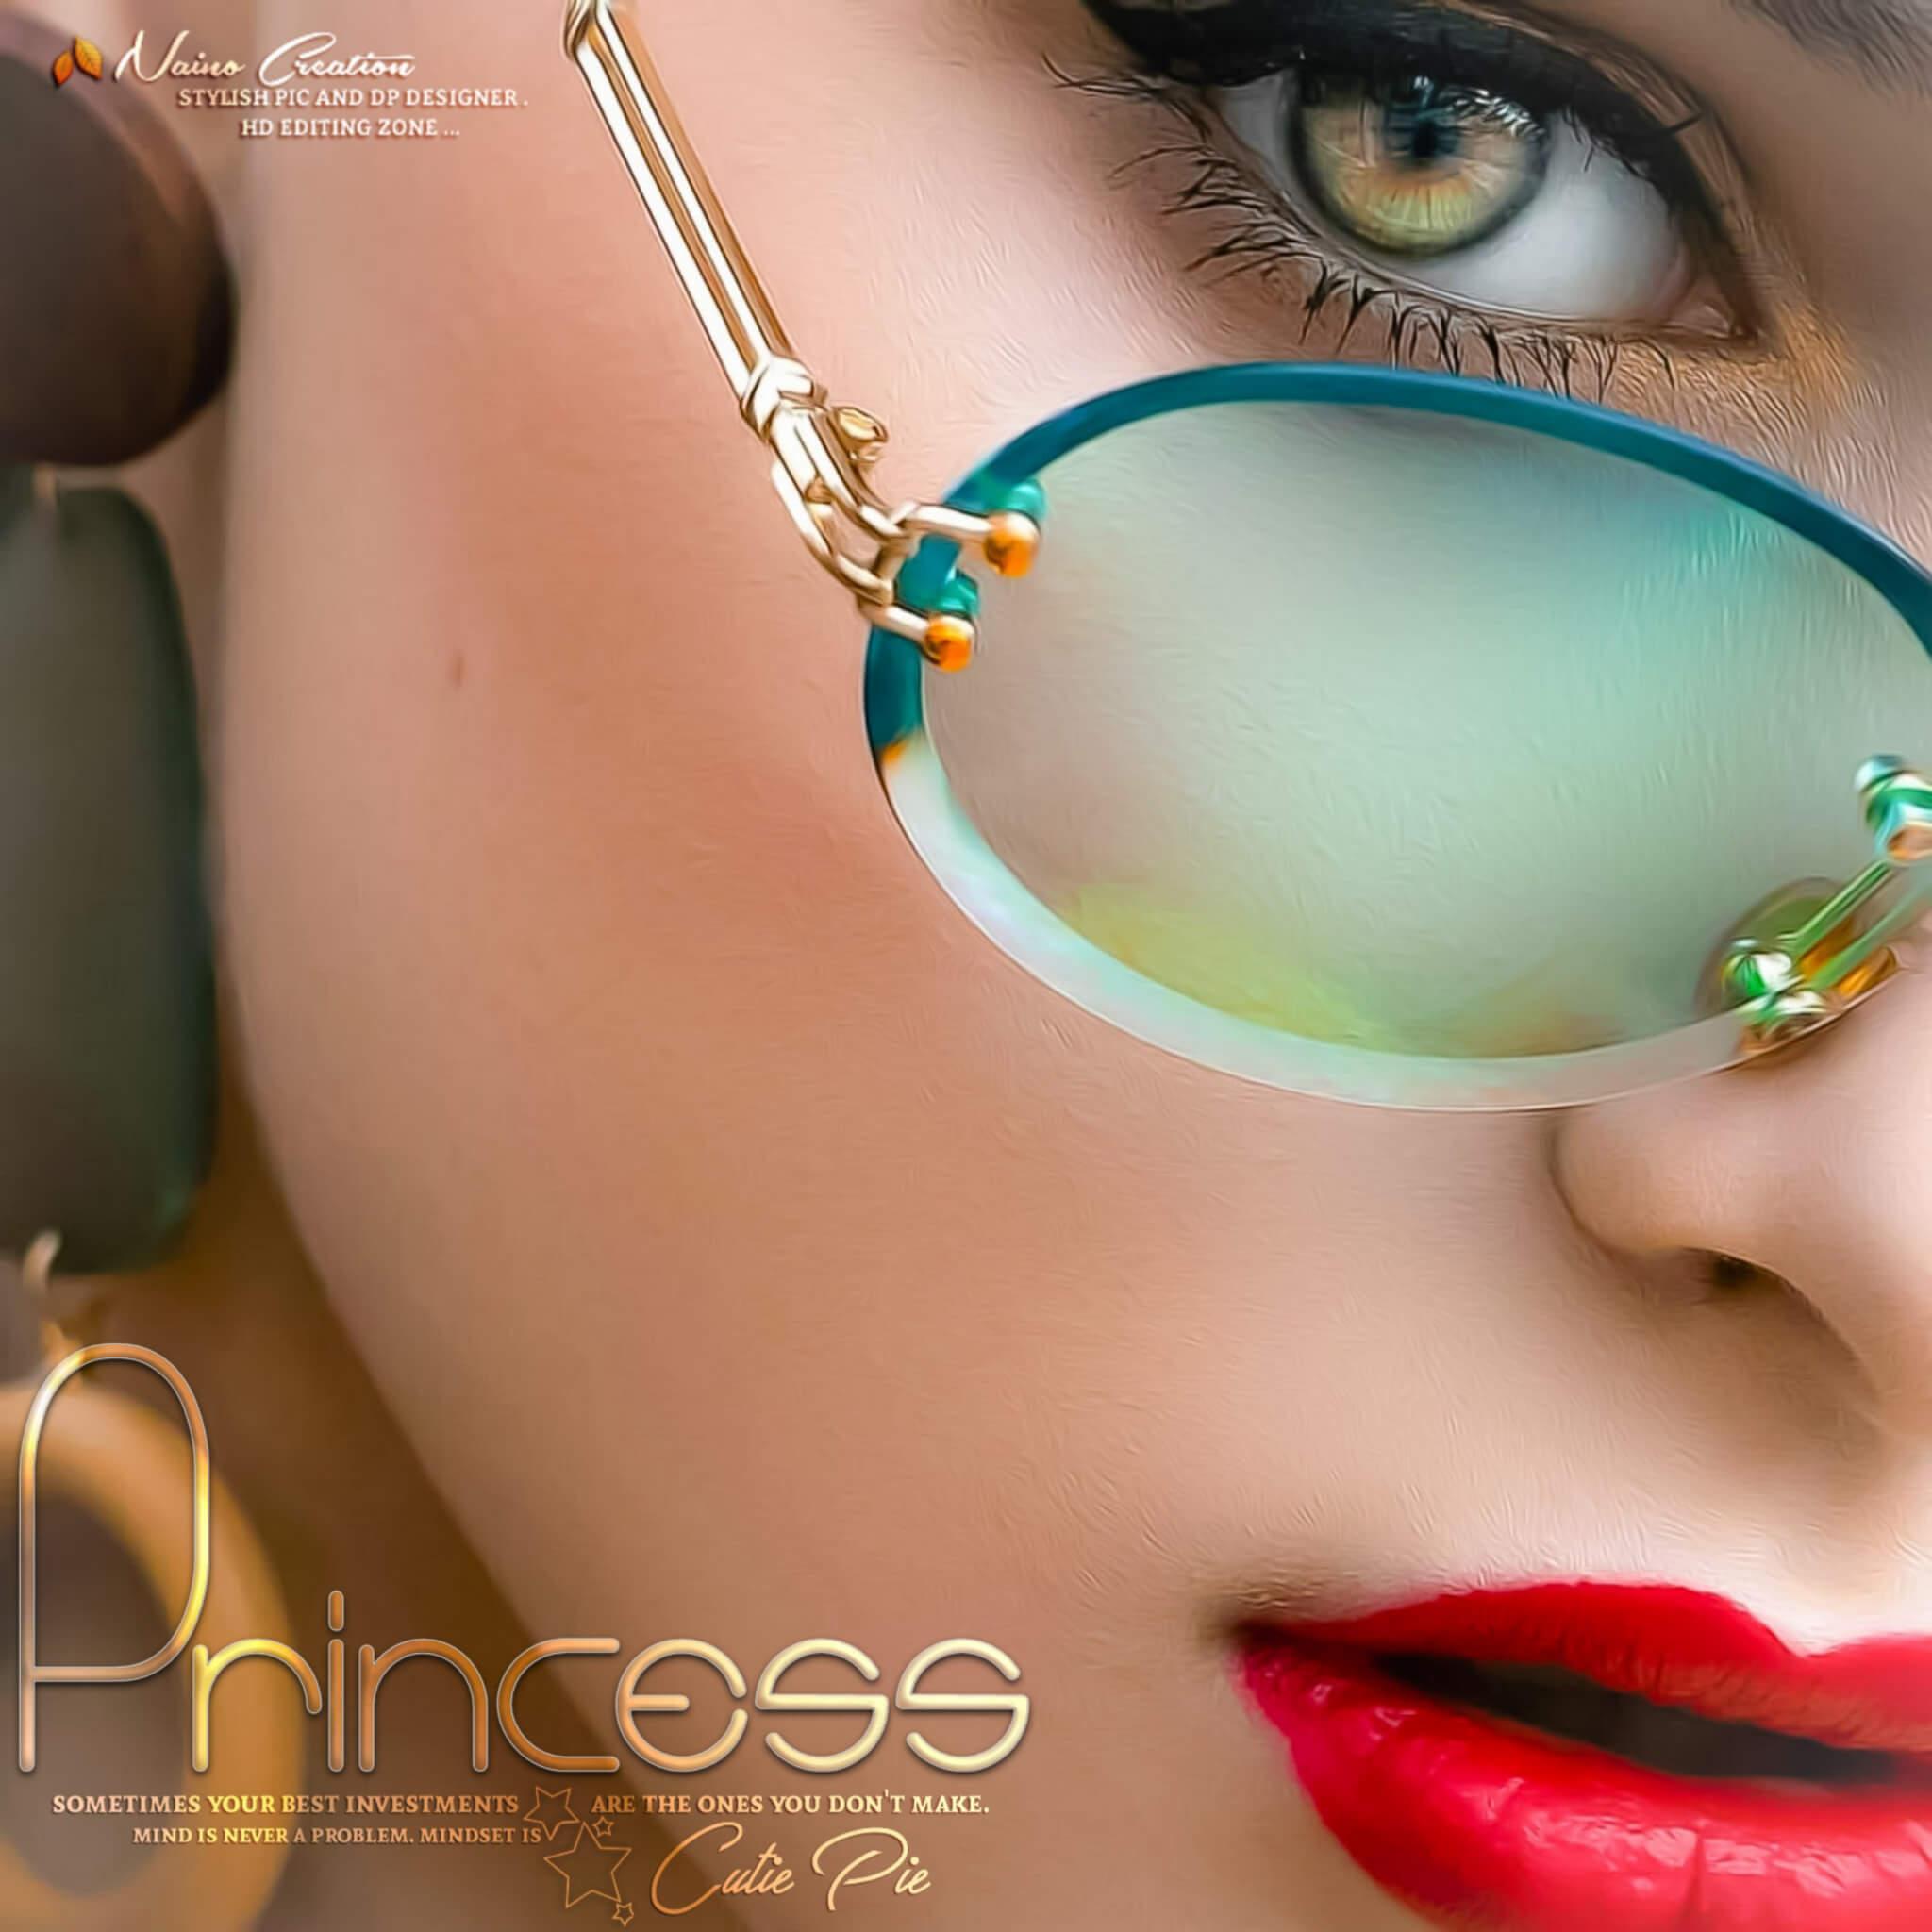 Princess Name Closeup Photo